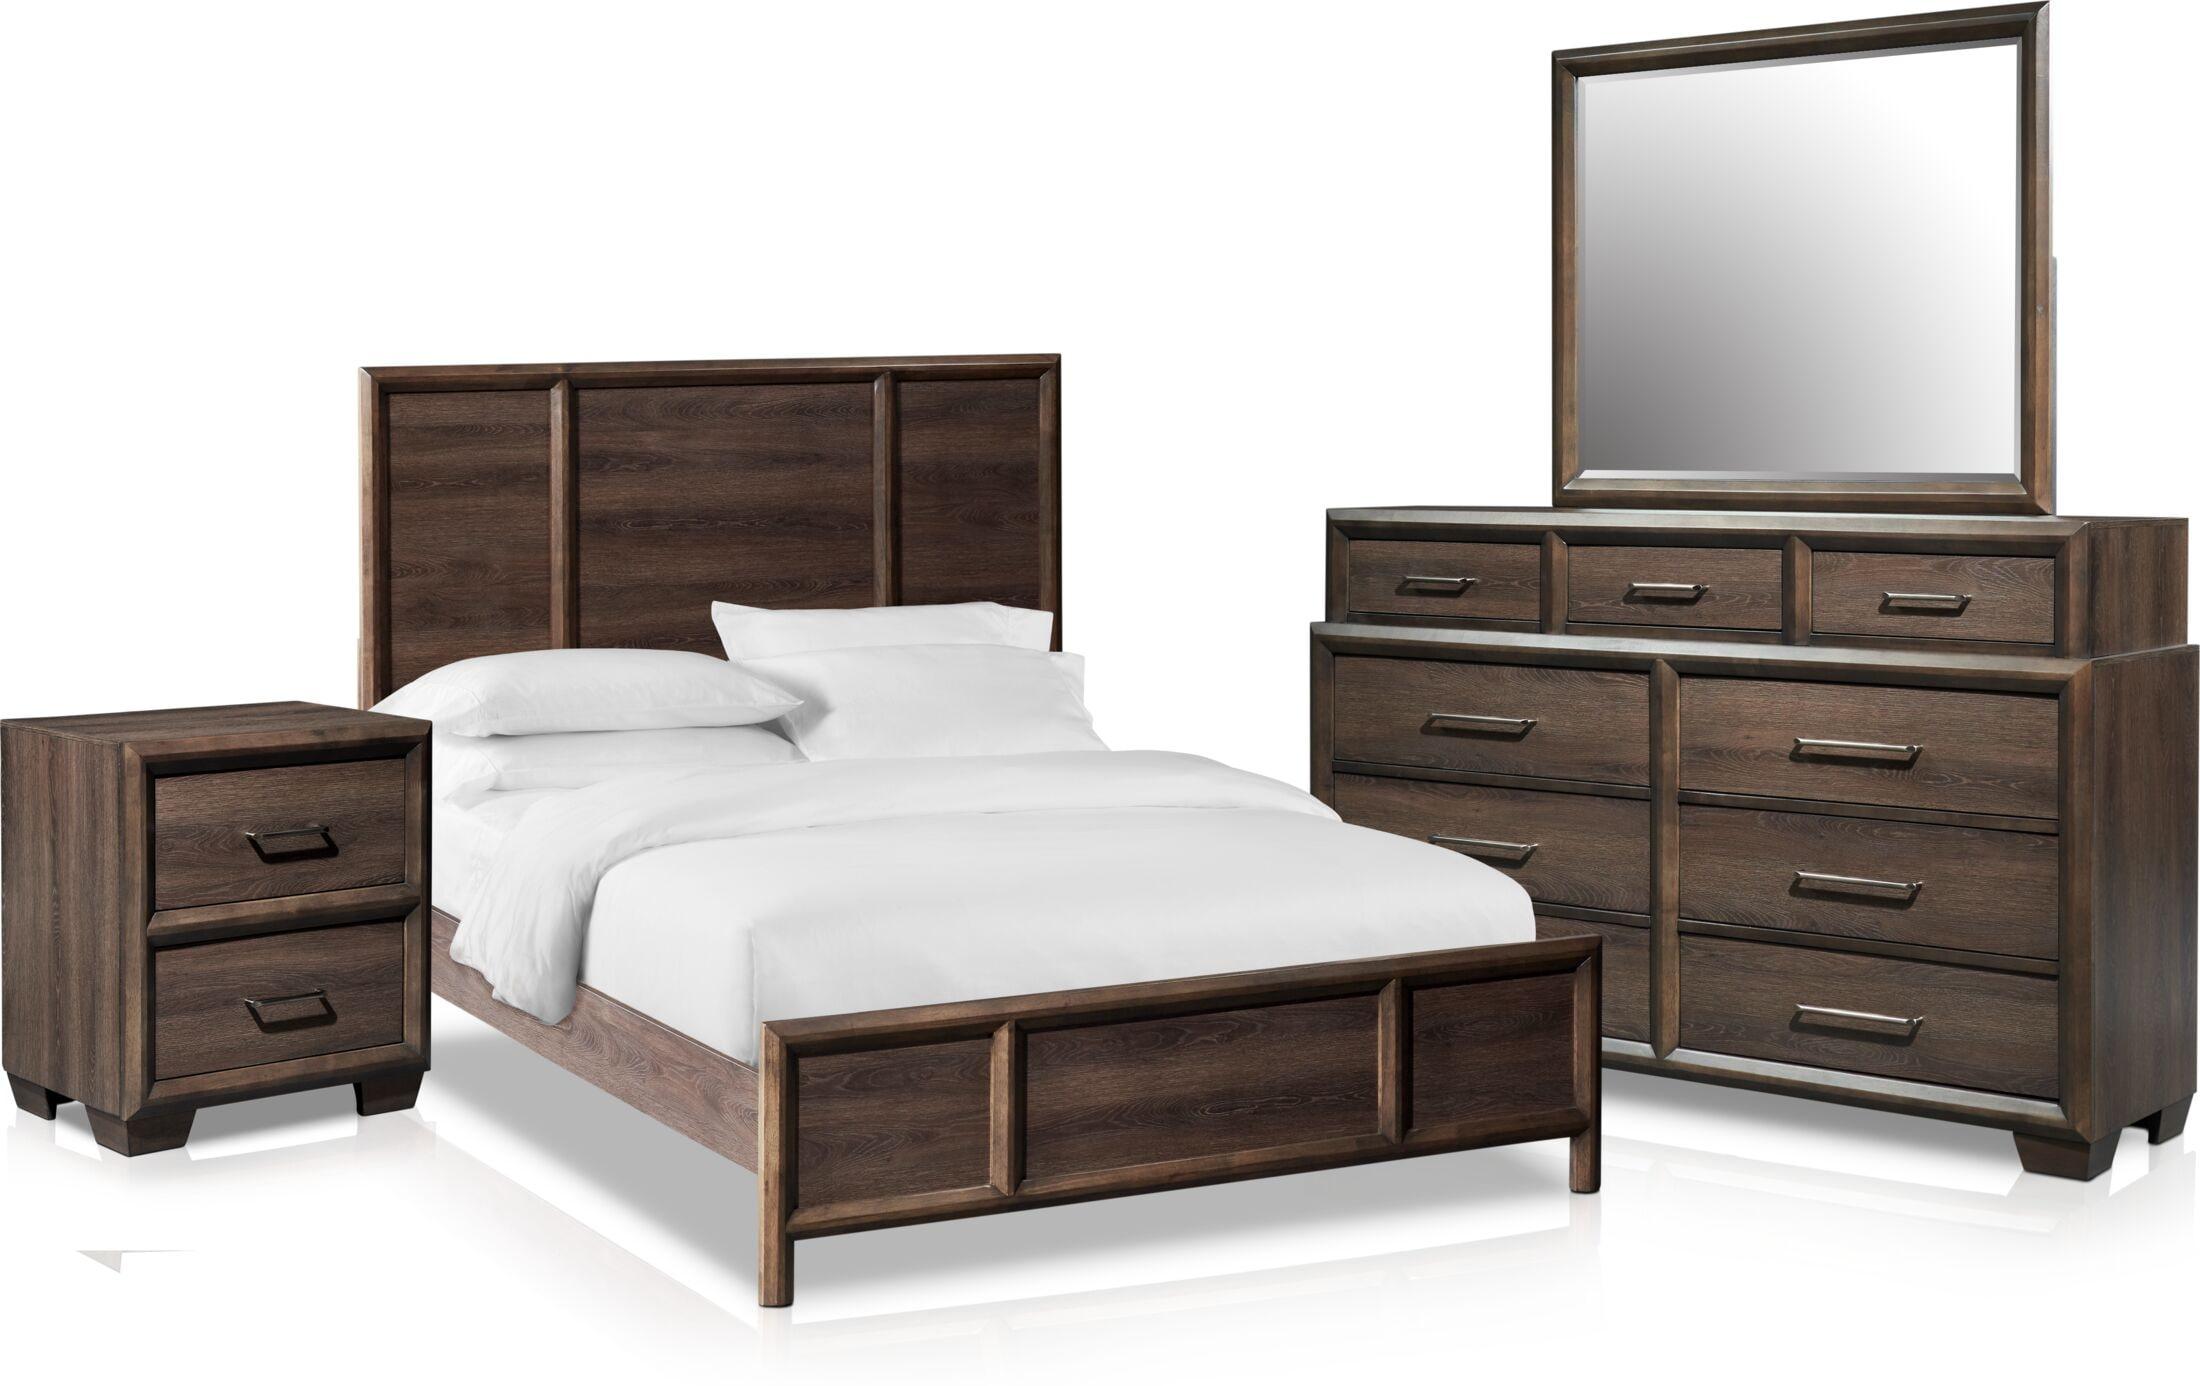 Bedroom Furniture - Dakota 6-Piece Panel Bedroom Set with Nightstand, Dresser and Mirror